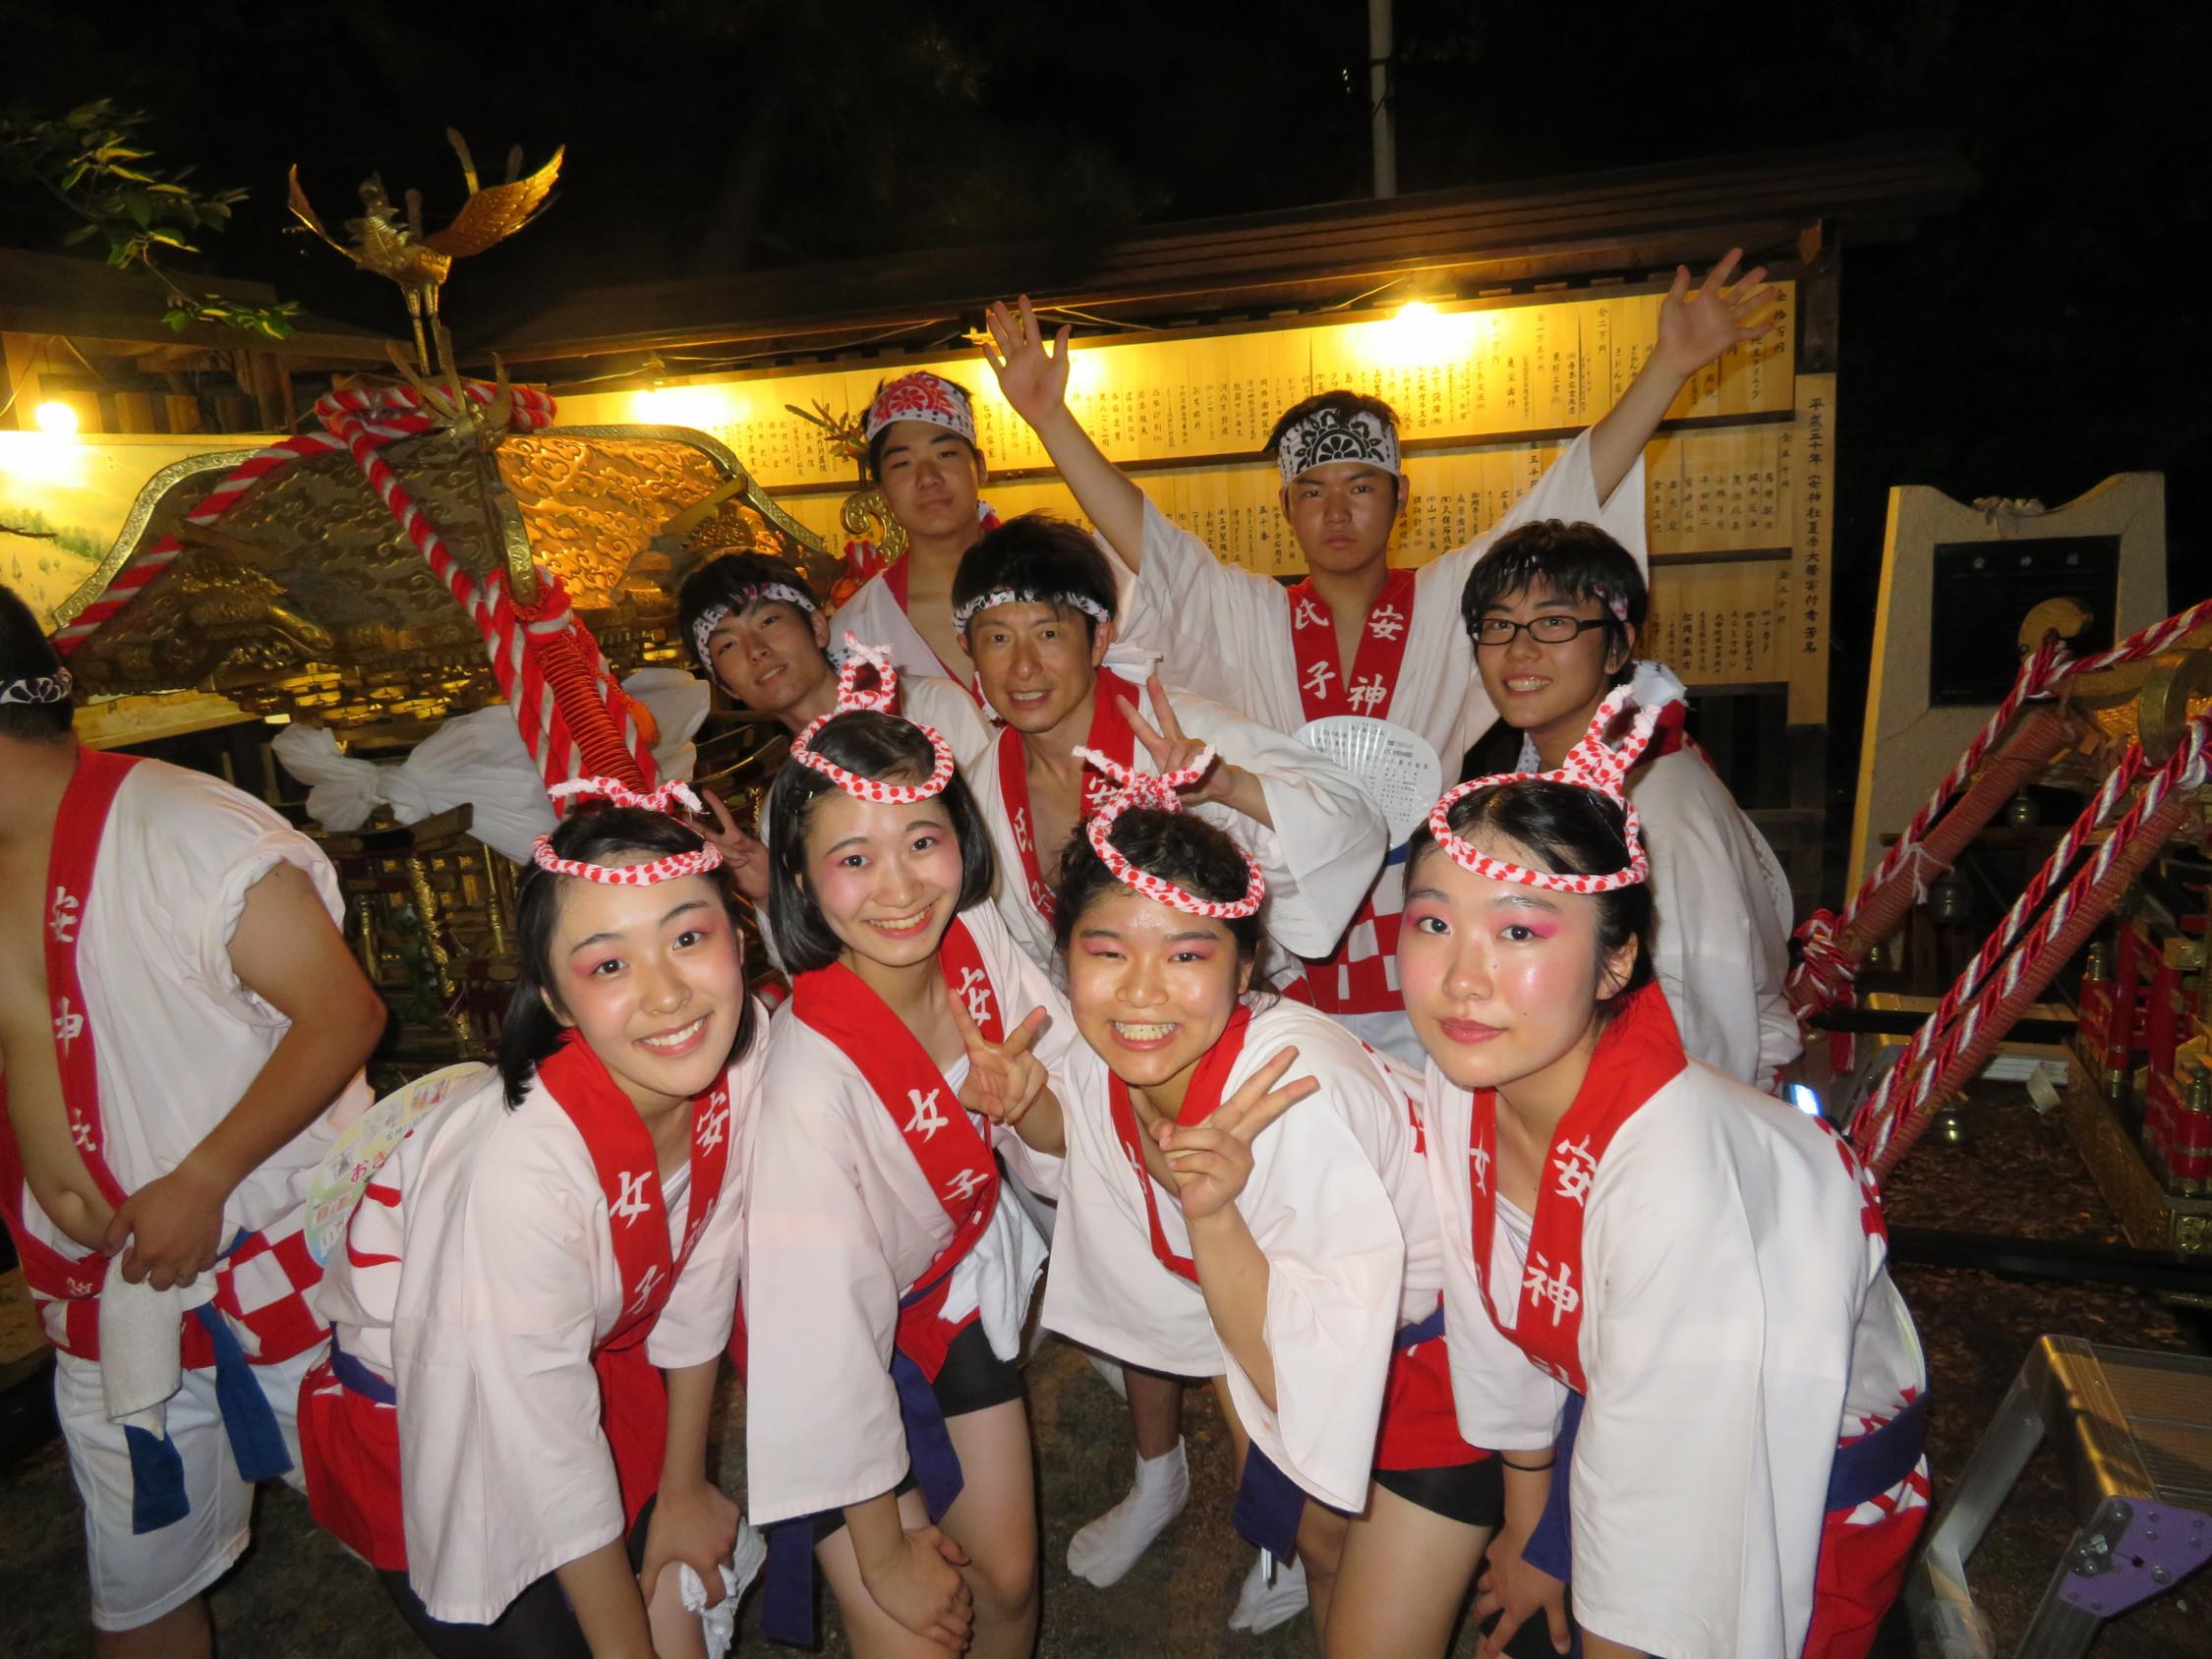 安神社 夏季大祭 おぎおんさん